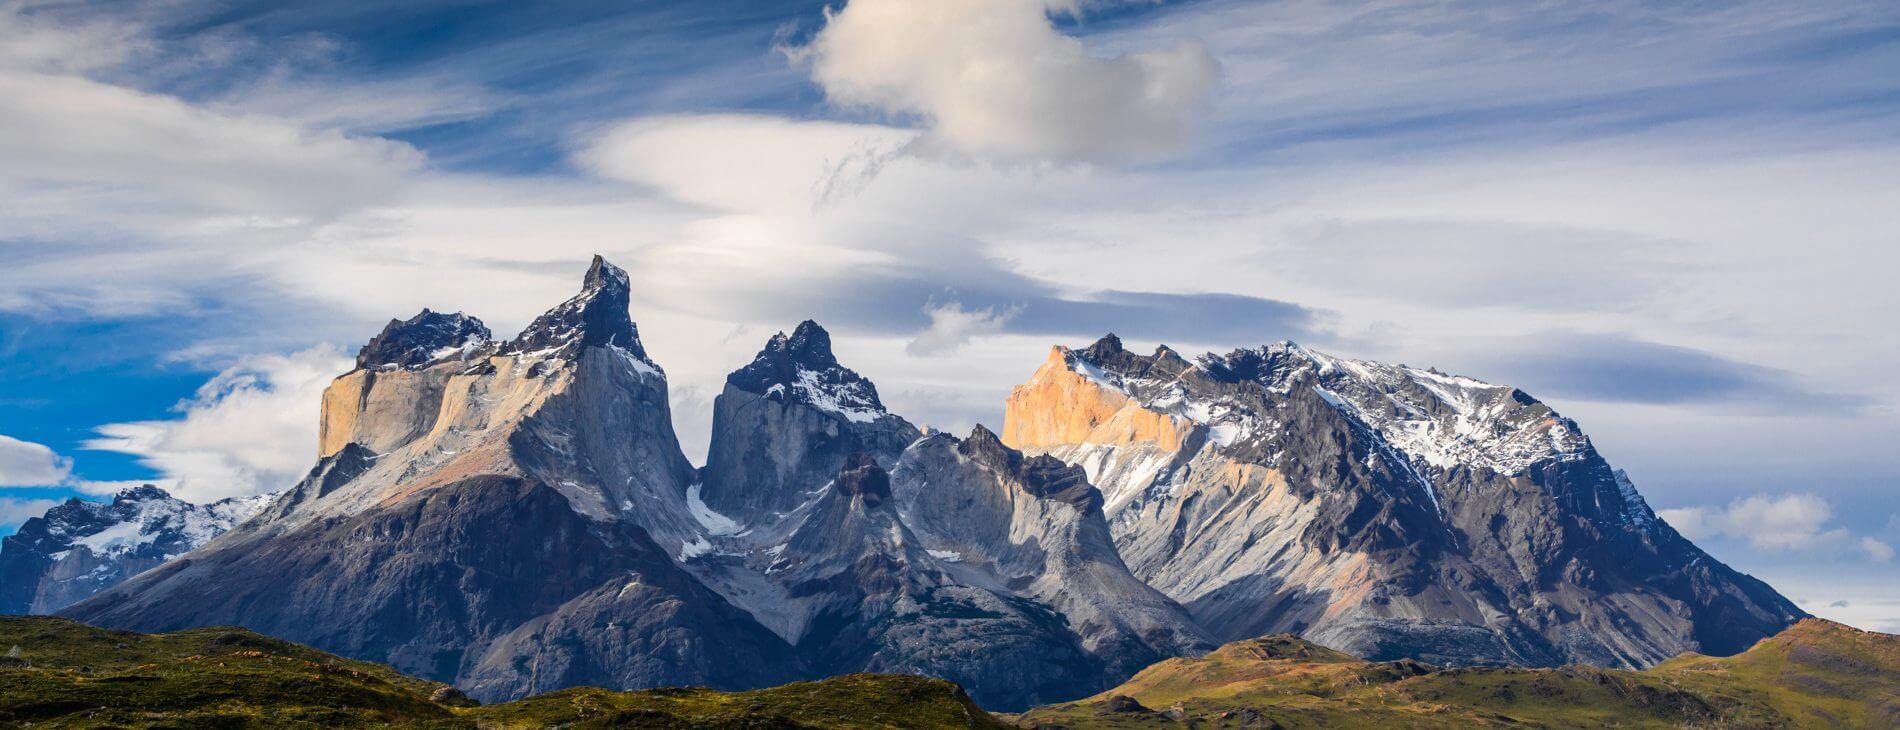 Mastroviaggiatore Patagonia su misura Torres Del Paine